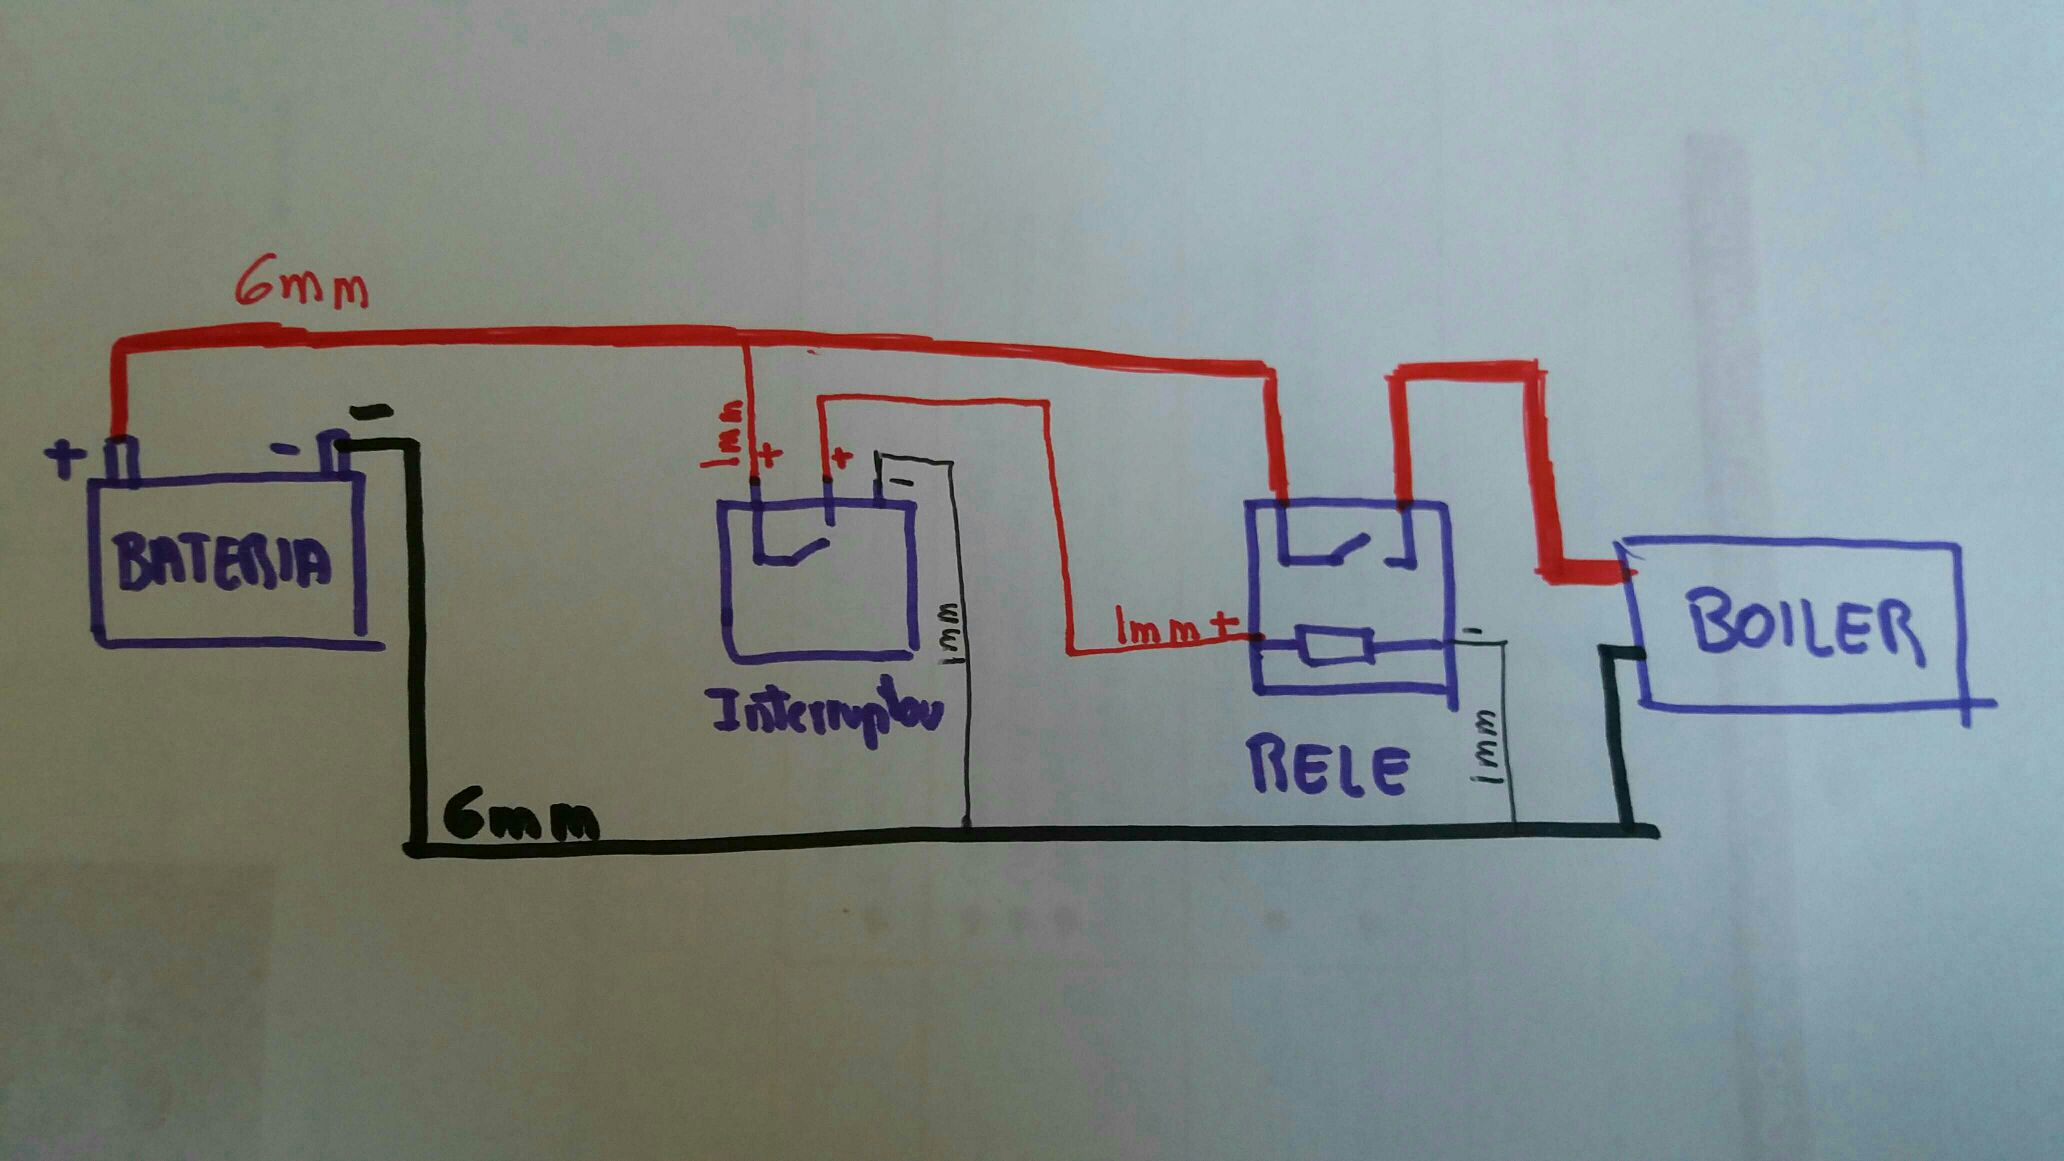 Nuevo brico 191 instalaci n de boiler elgena 12v en c mper - Calentadores electricos bricodepot ...